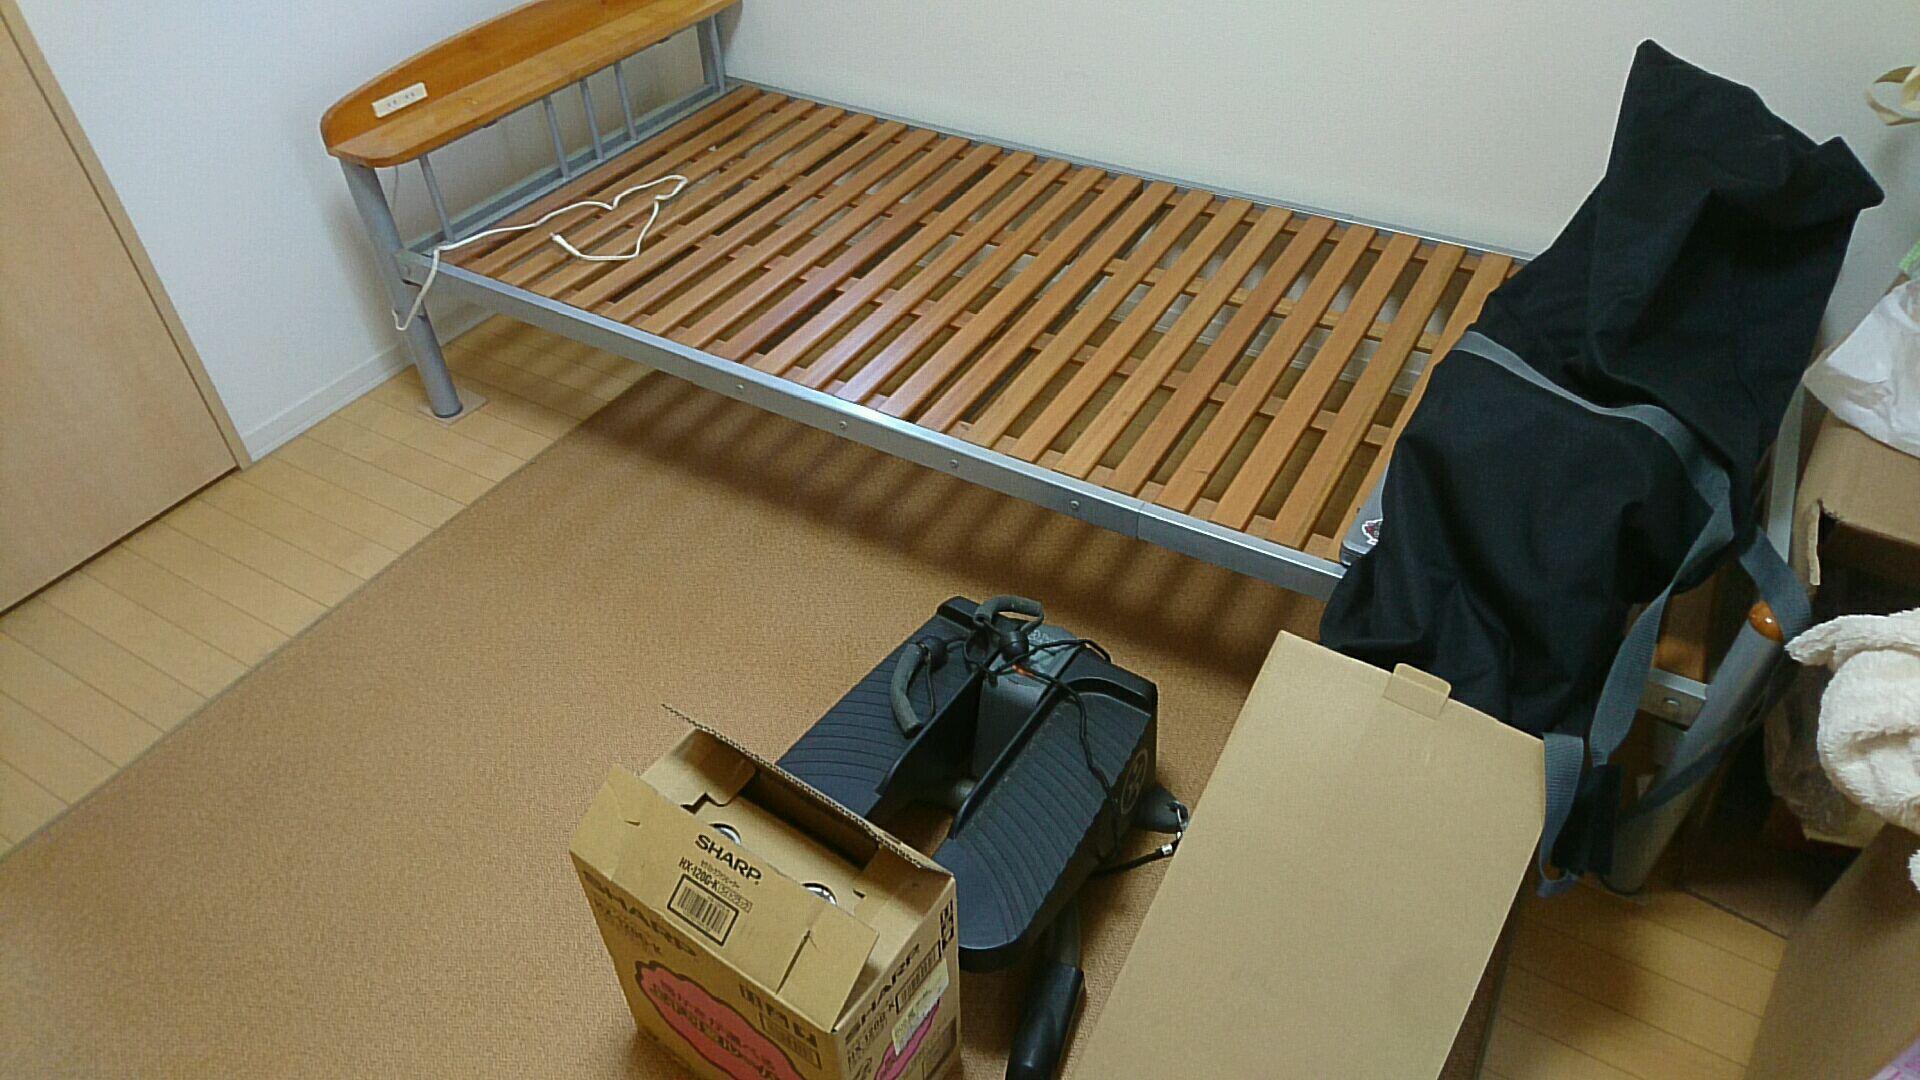 【愛知県名古屋市瑞穂区】ベッドや健康器具、スノボーの回収